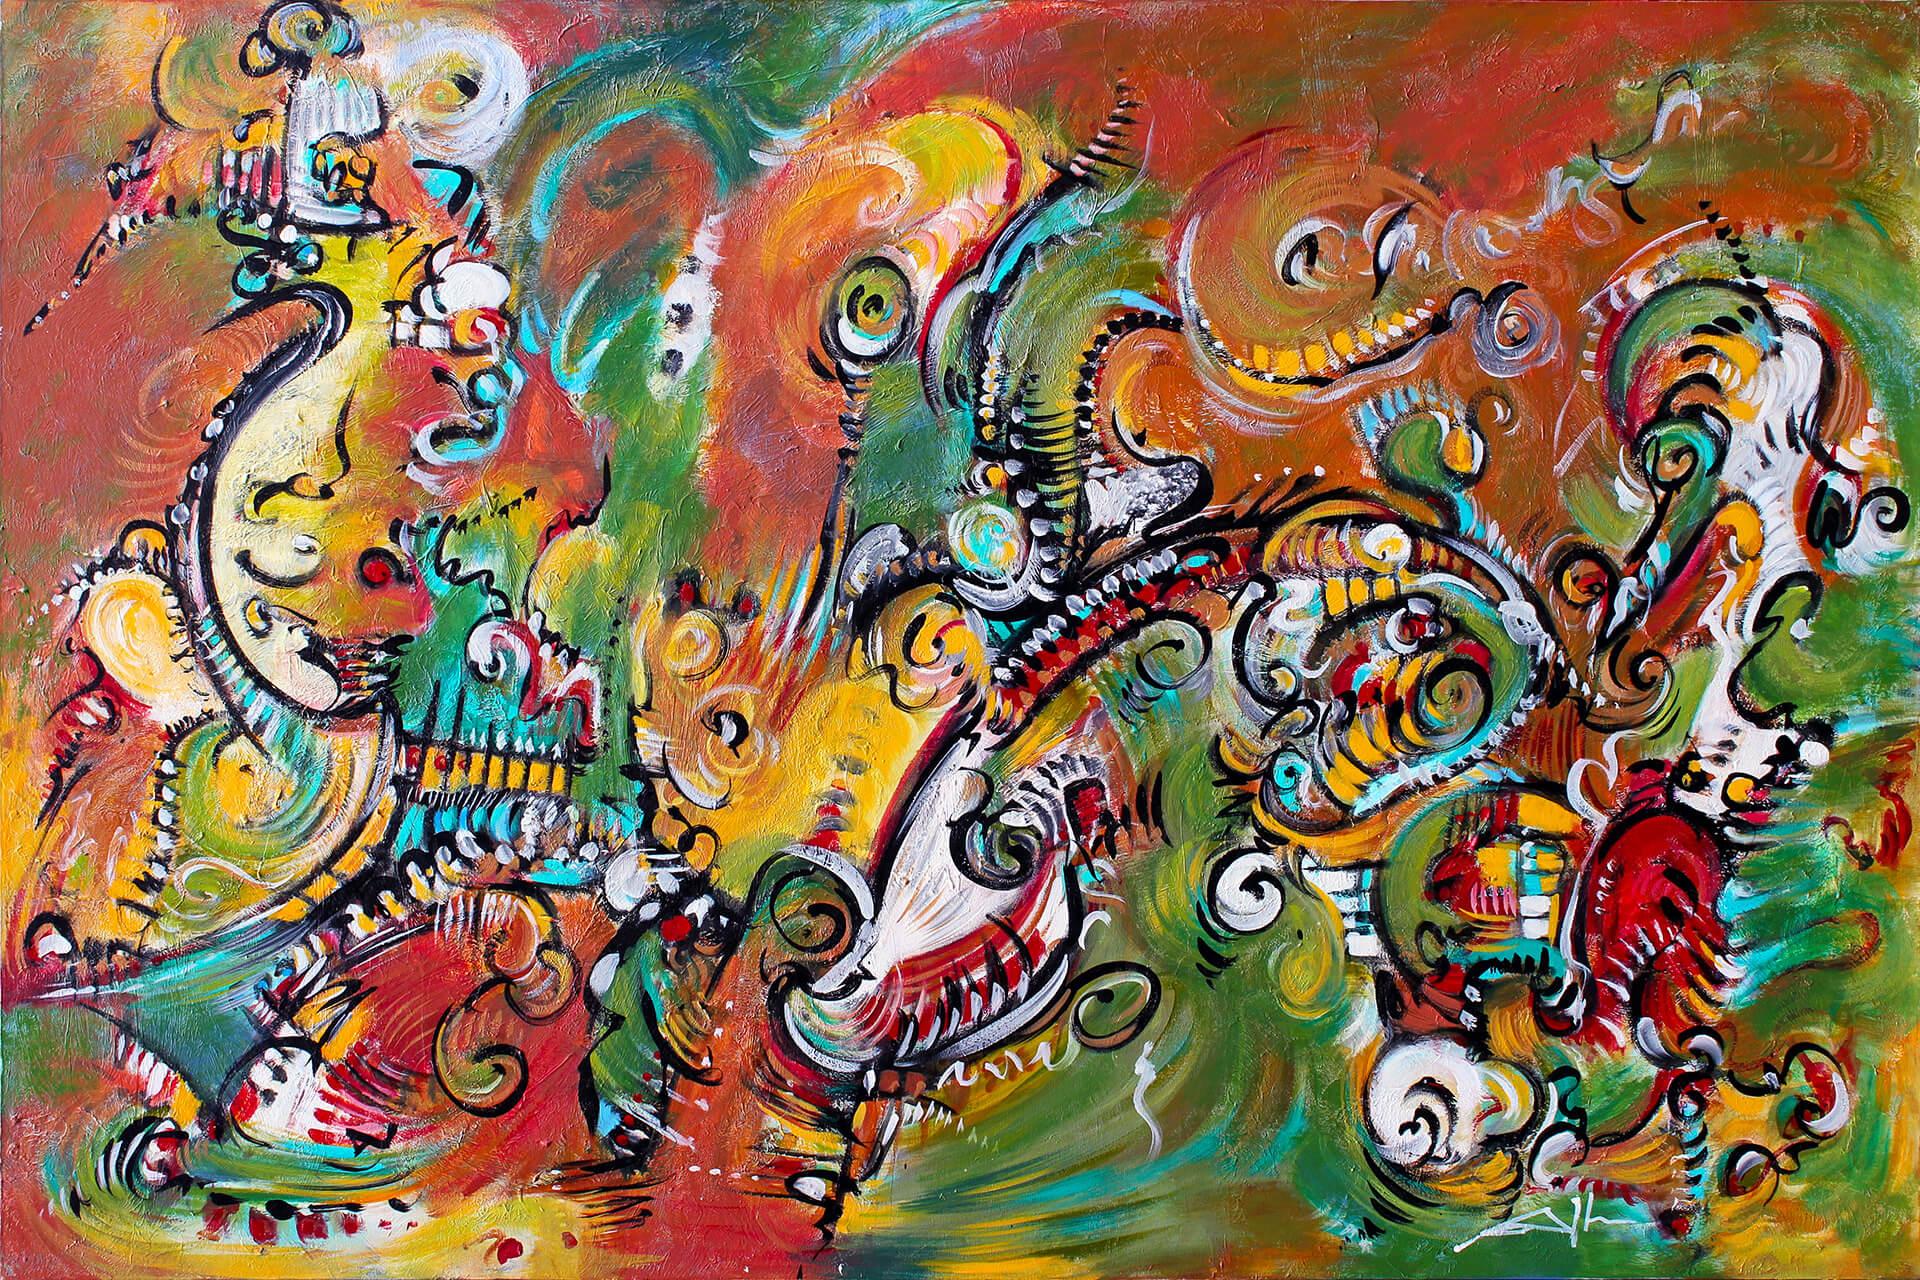 art-eric-j-hughes-artiste-peintre-canadien-tableau-delirium-esprit-errant